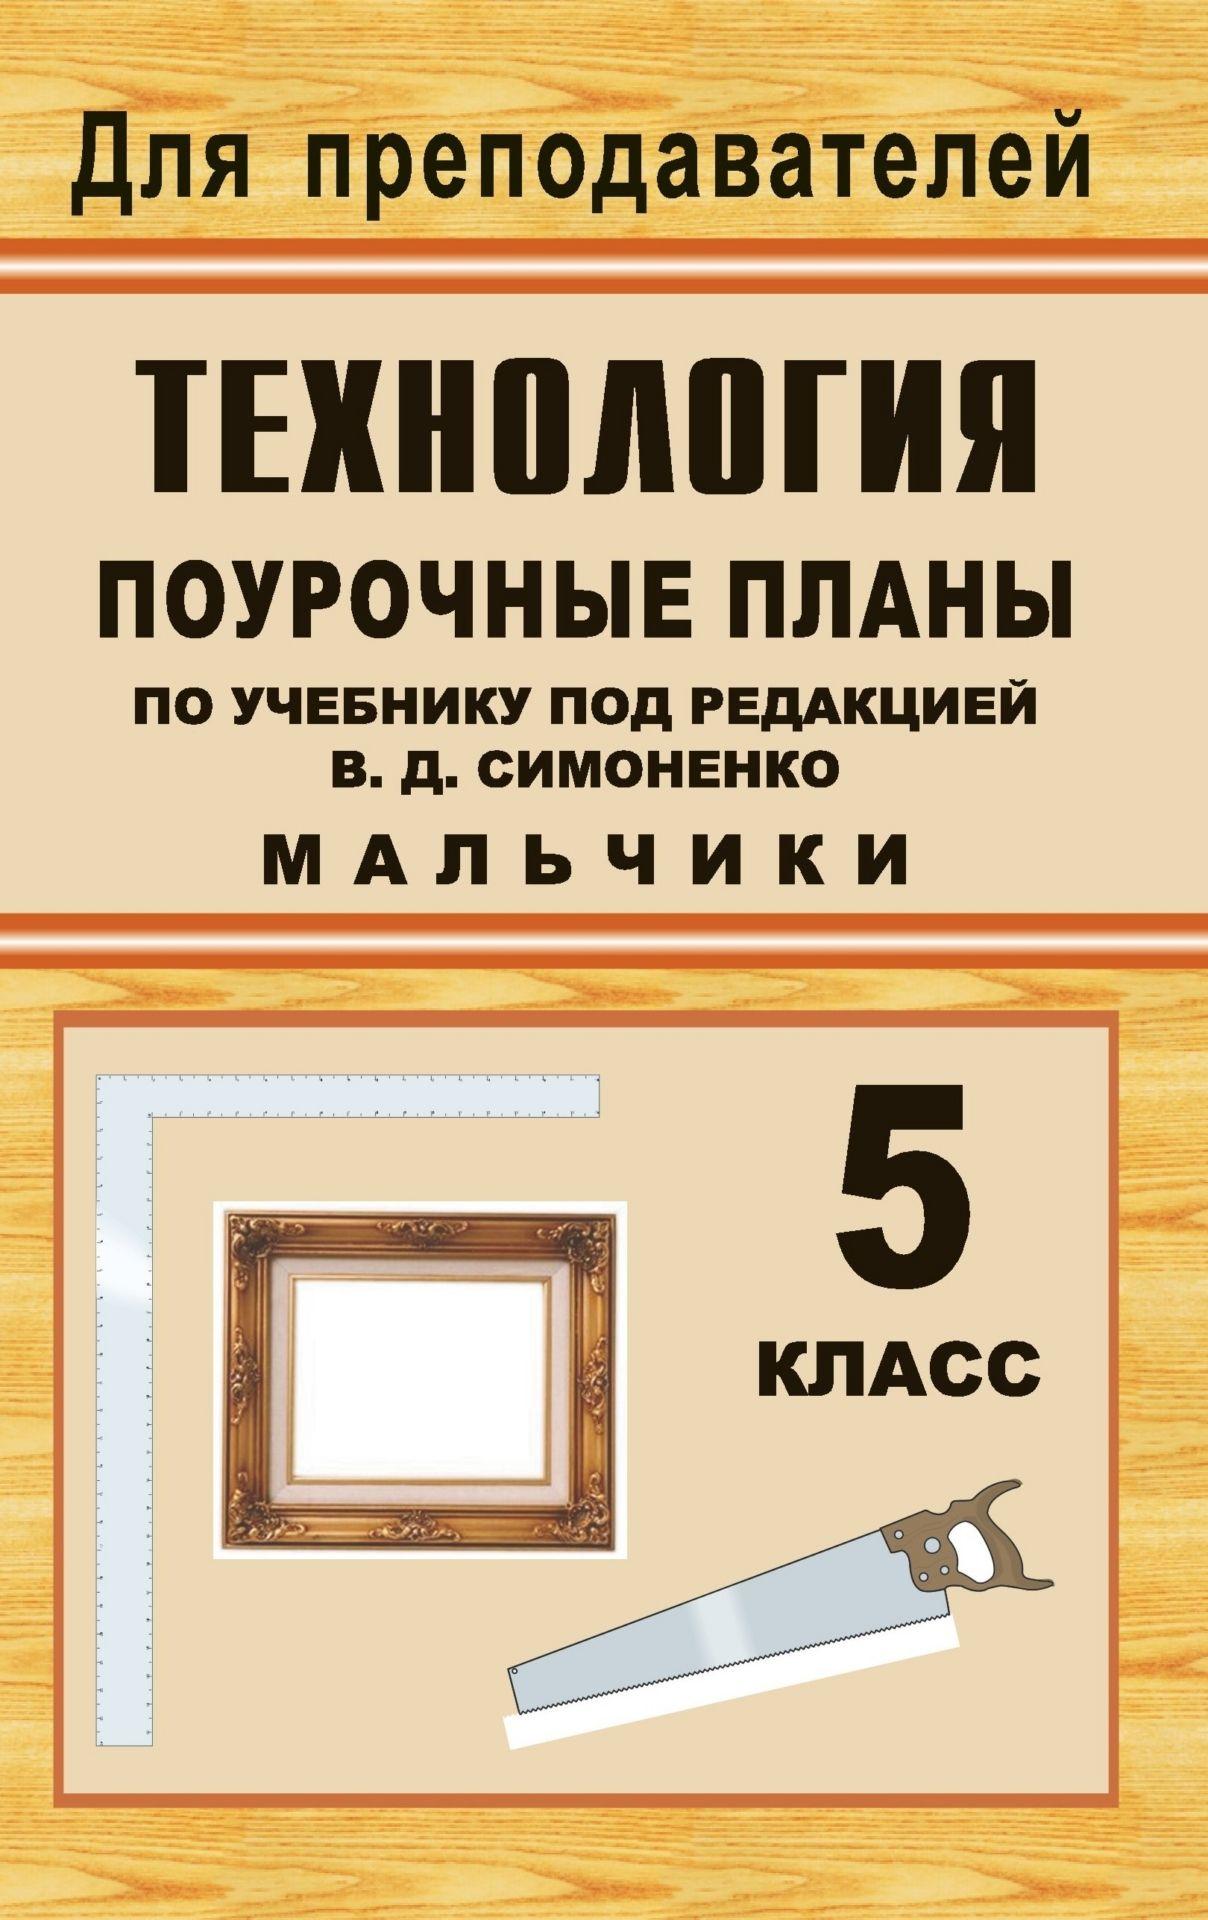 Технология. 5 класс (мальчики): поурочные планы по учебнику под редакцией В. Д. Симоненко Учитель